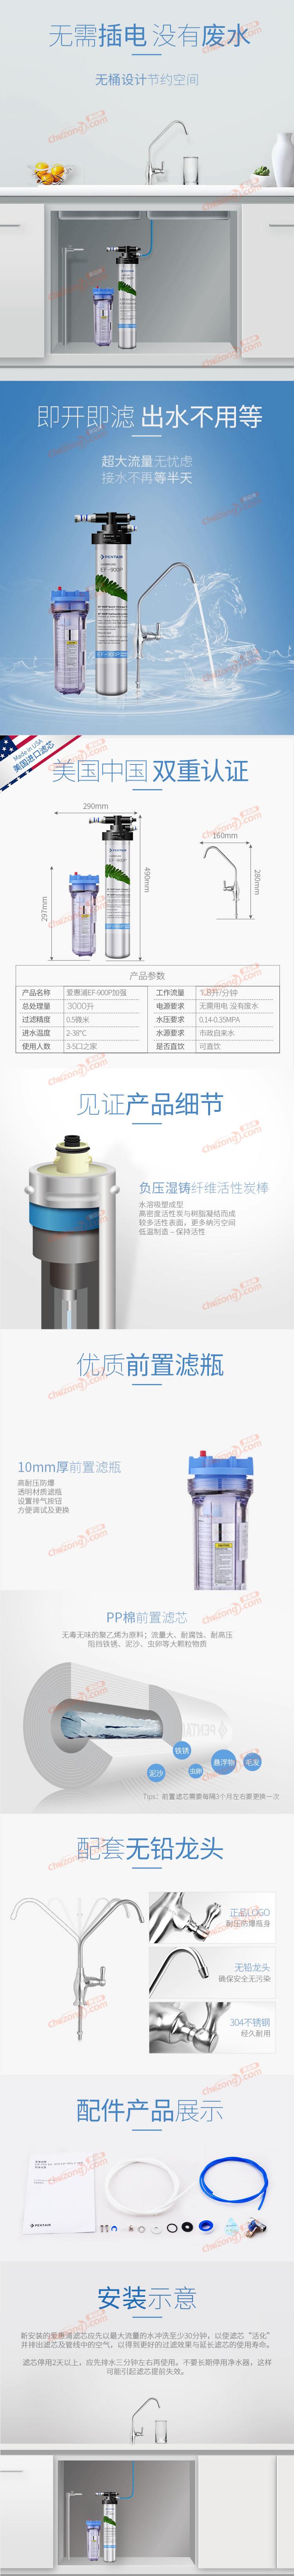 愛惠浦凈水器EF-900P詳情圖